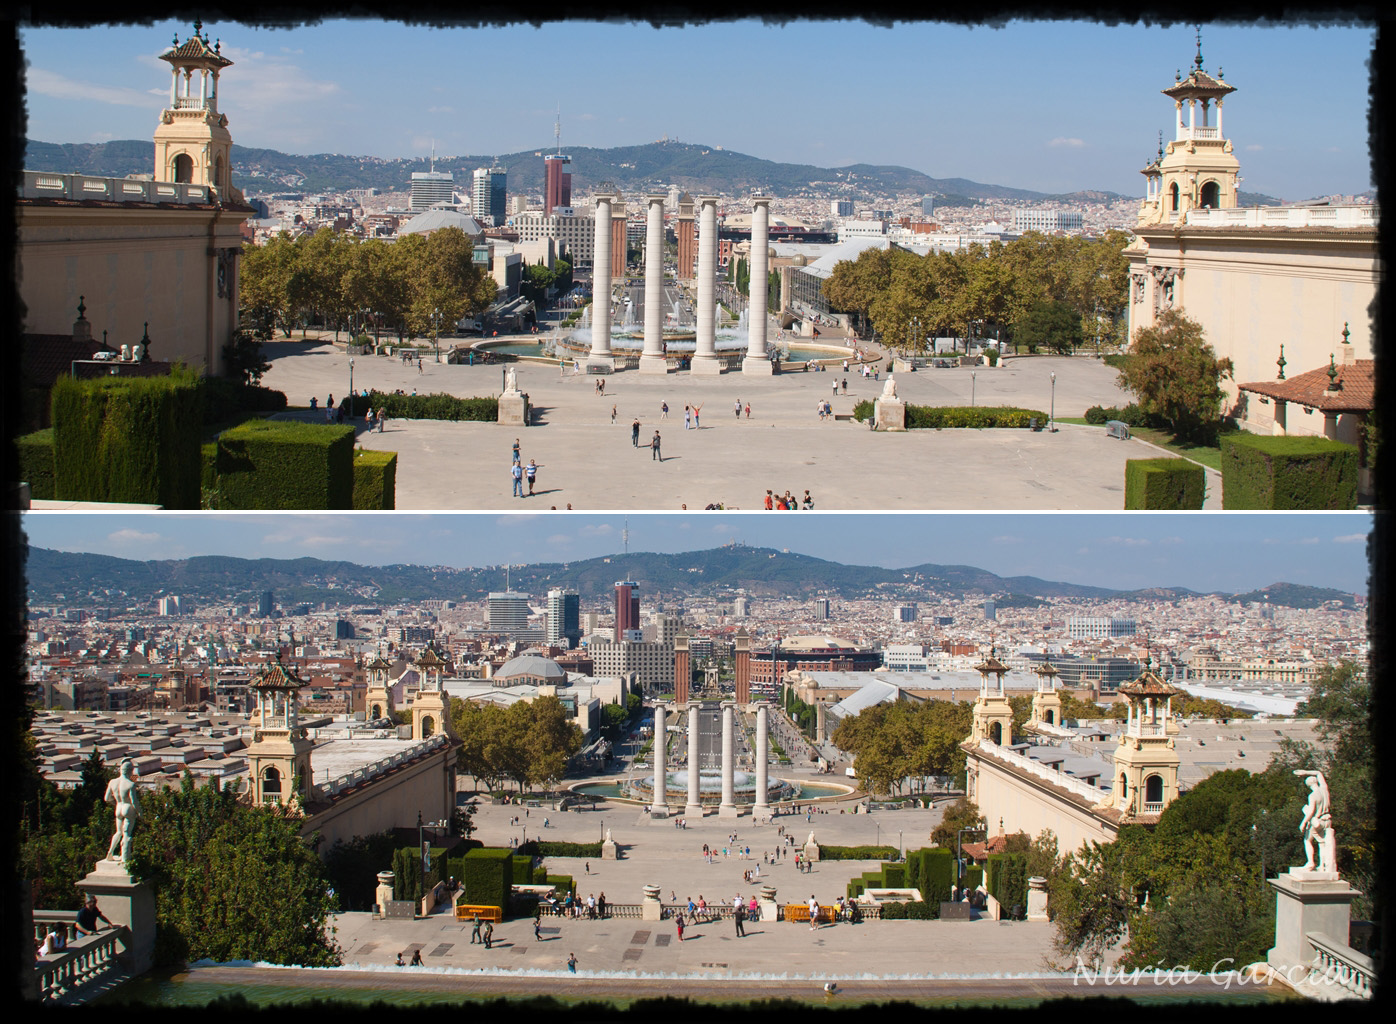 Vistas hacia la Plaza de España desde lo alto del Palacio de Montjuic